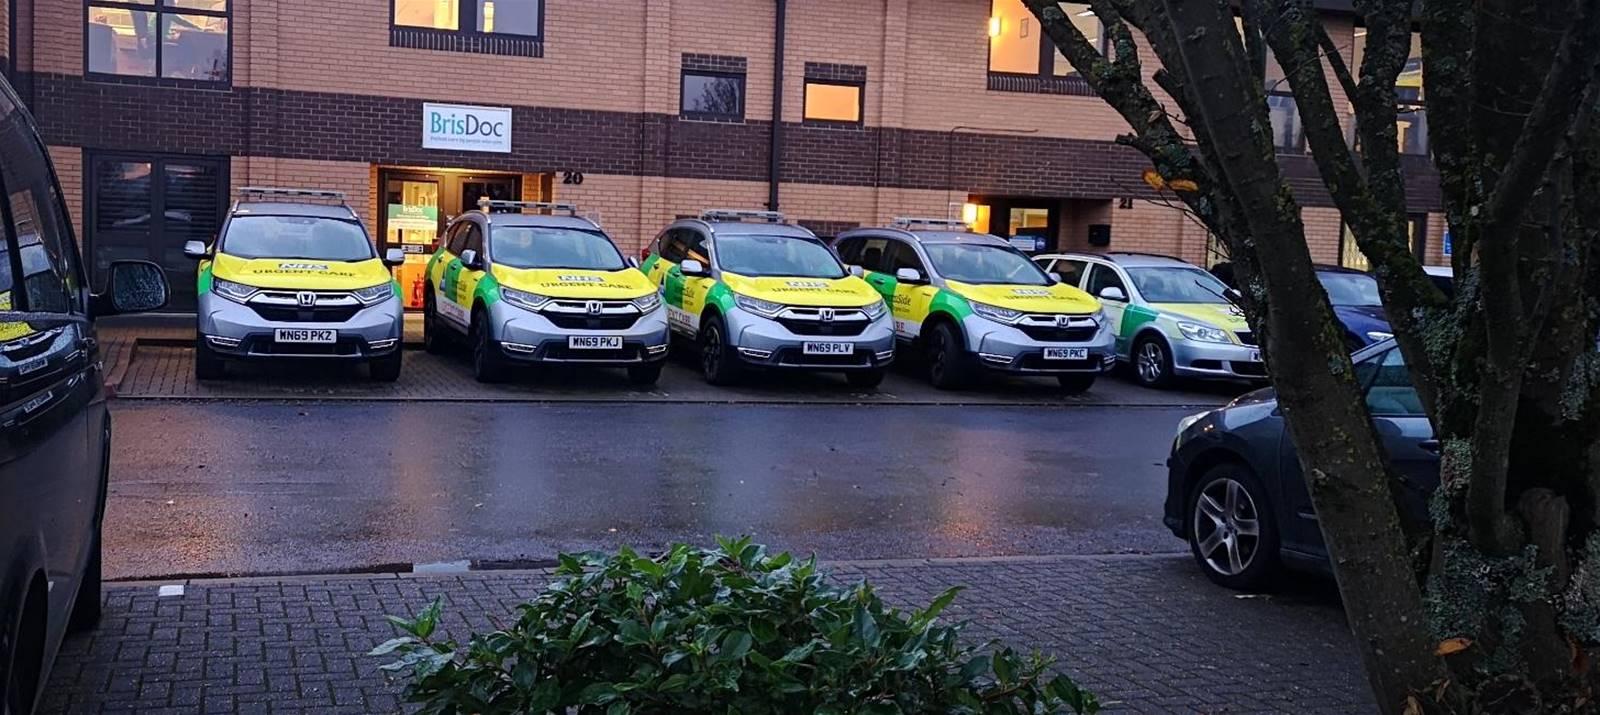 BrisDoc urgent care vehicle fleet